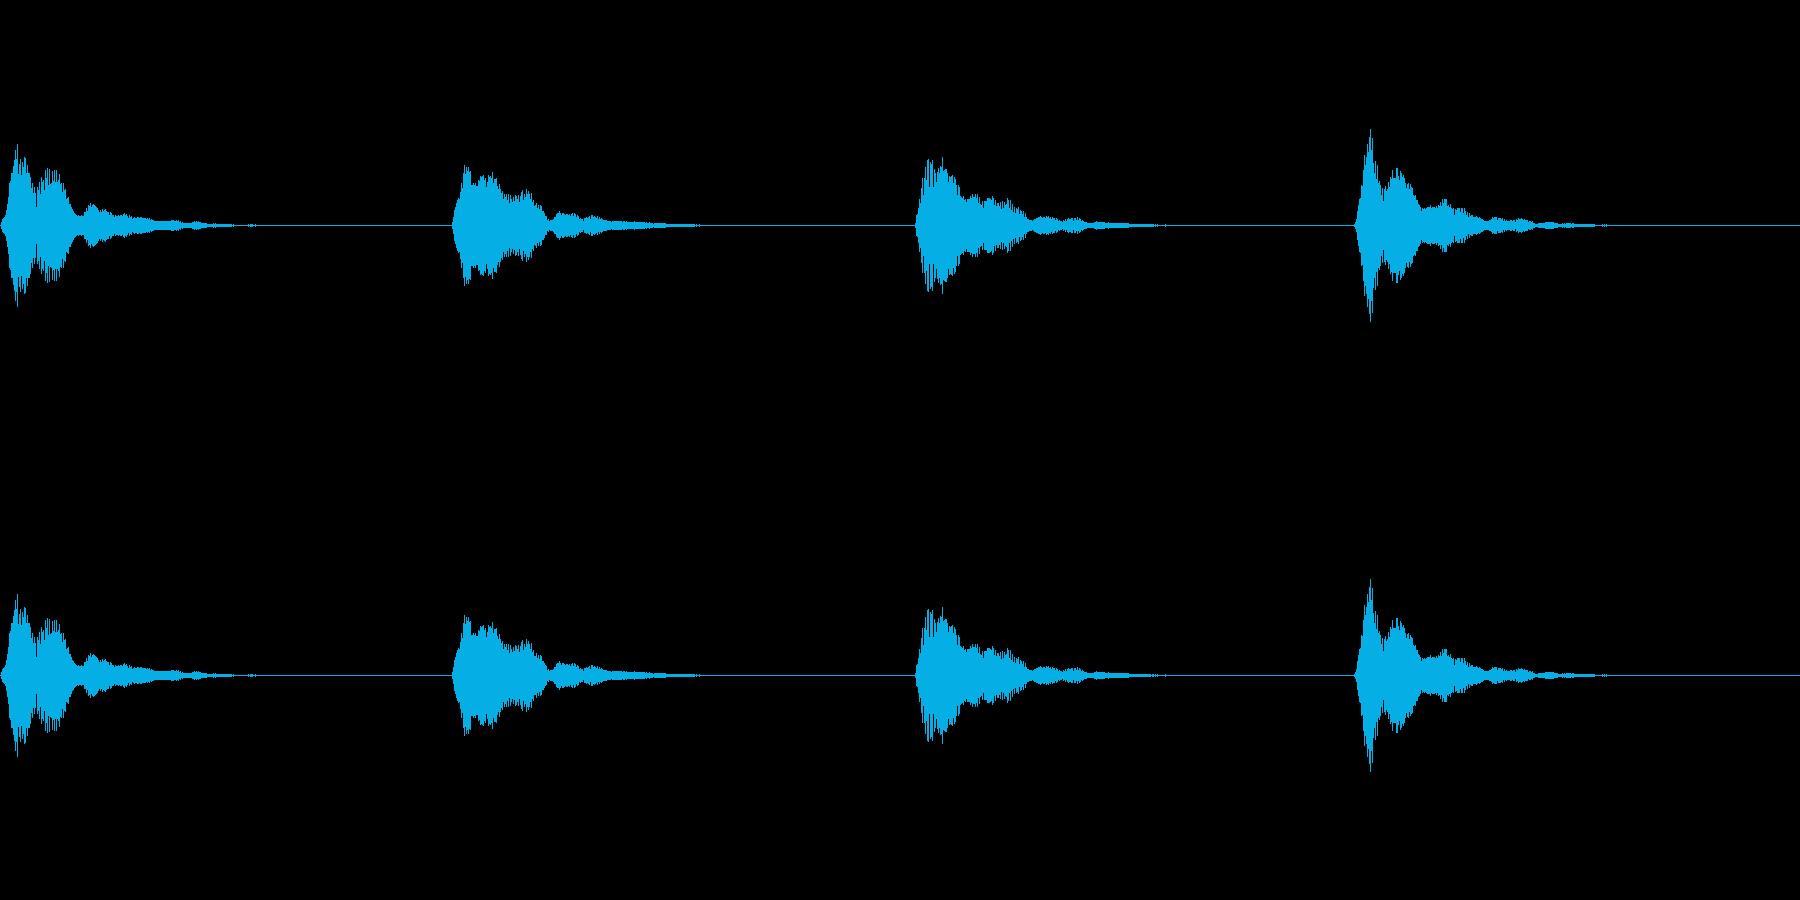 うれしさや喜びを表現した効果音の再生済みの波形